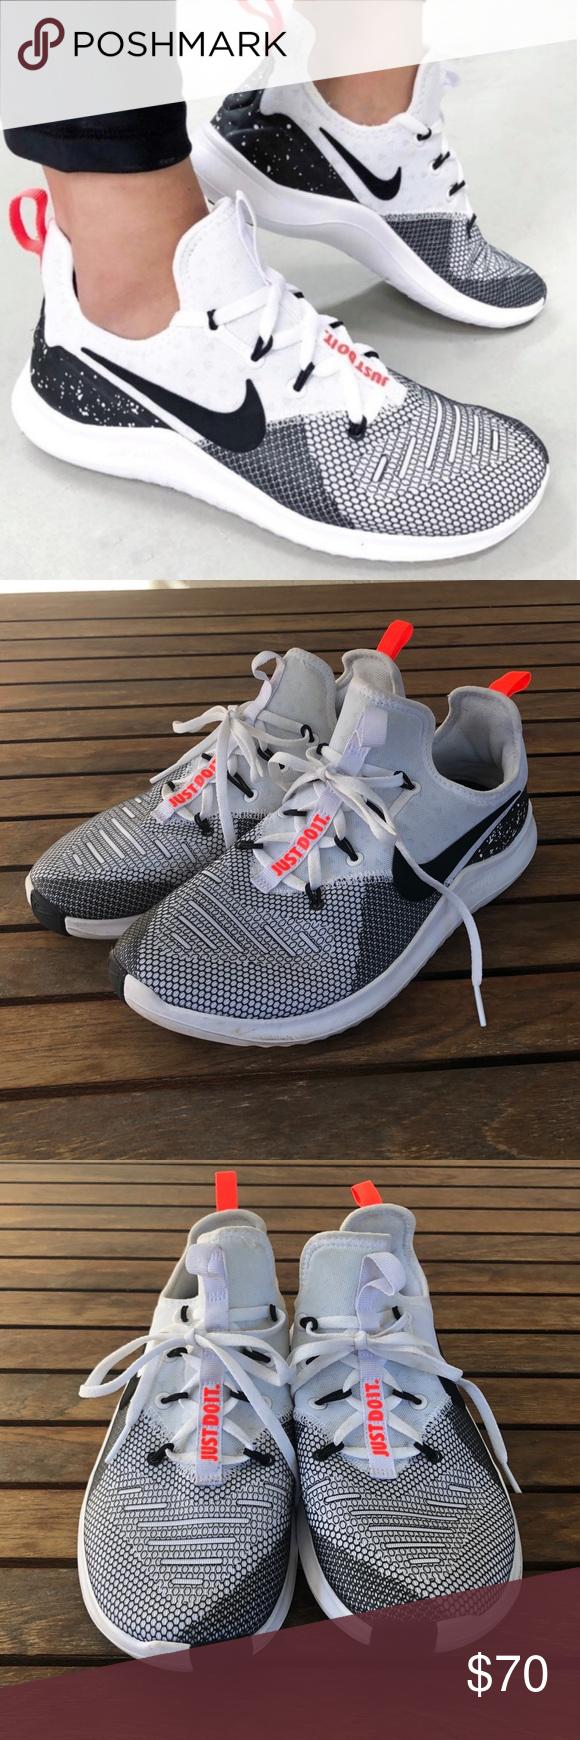 TR8 Training Shoe size 9 | Nike women